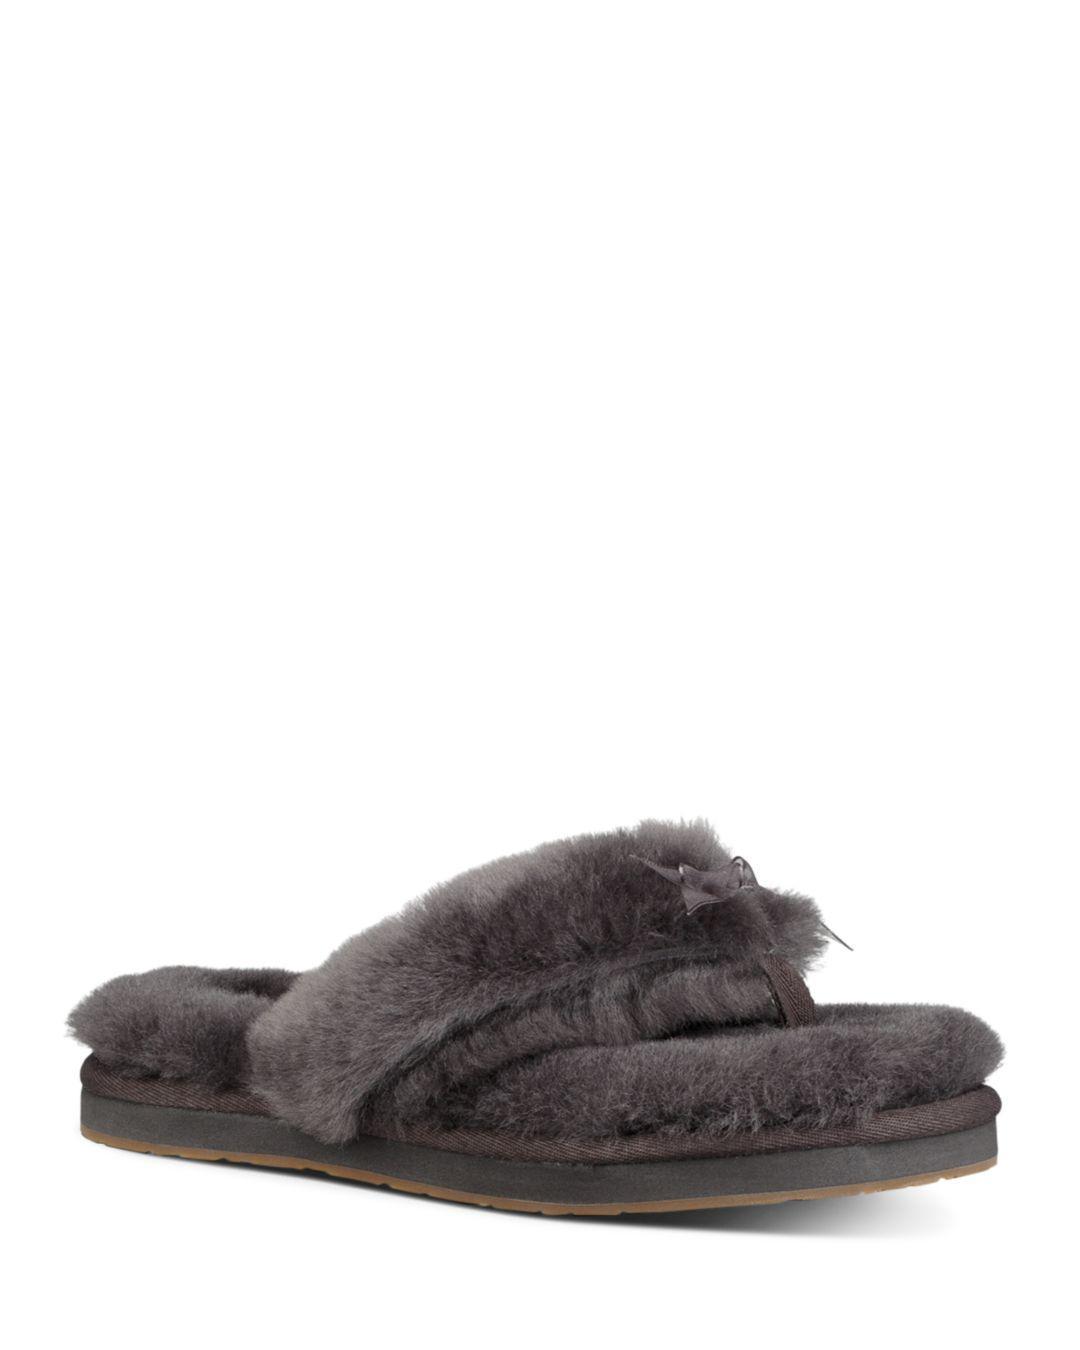 f4fa7f509f3 Lyst - UGG Women s Fluff Sheepskin Flip-flops in Gray